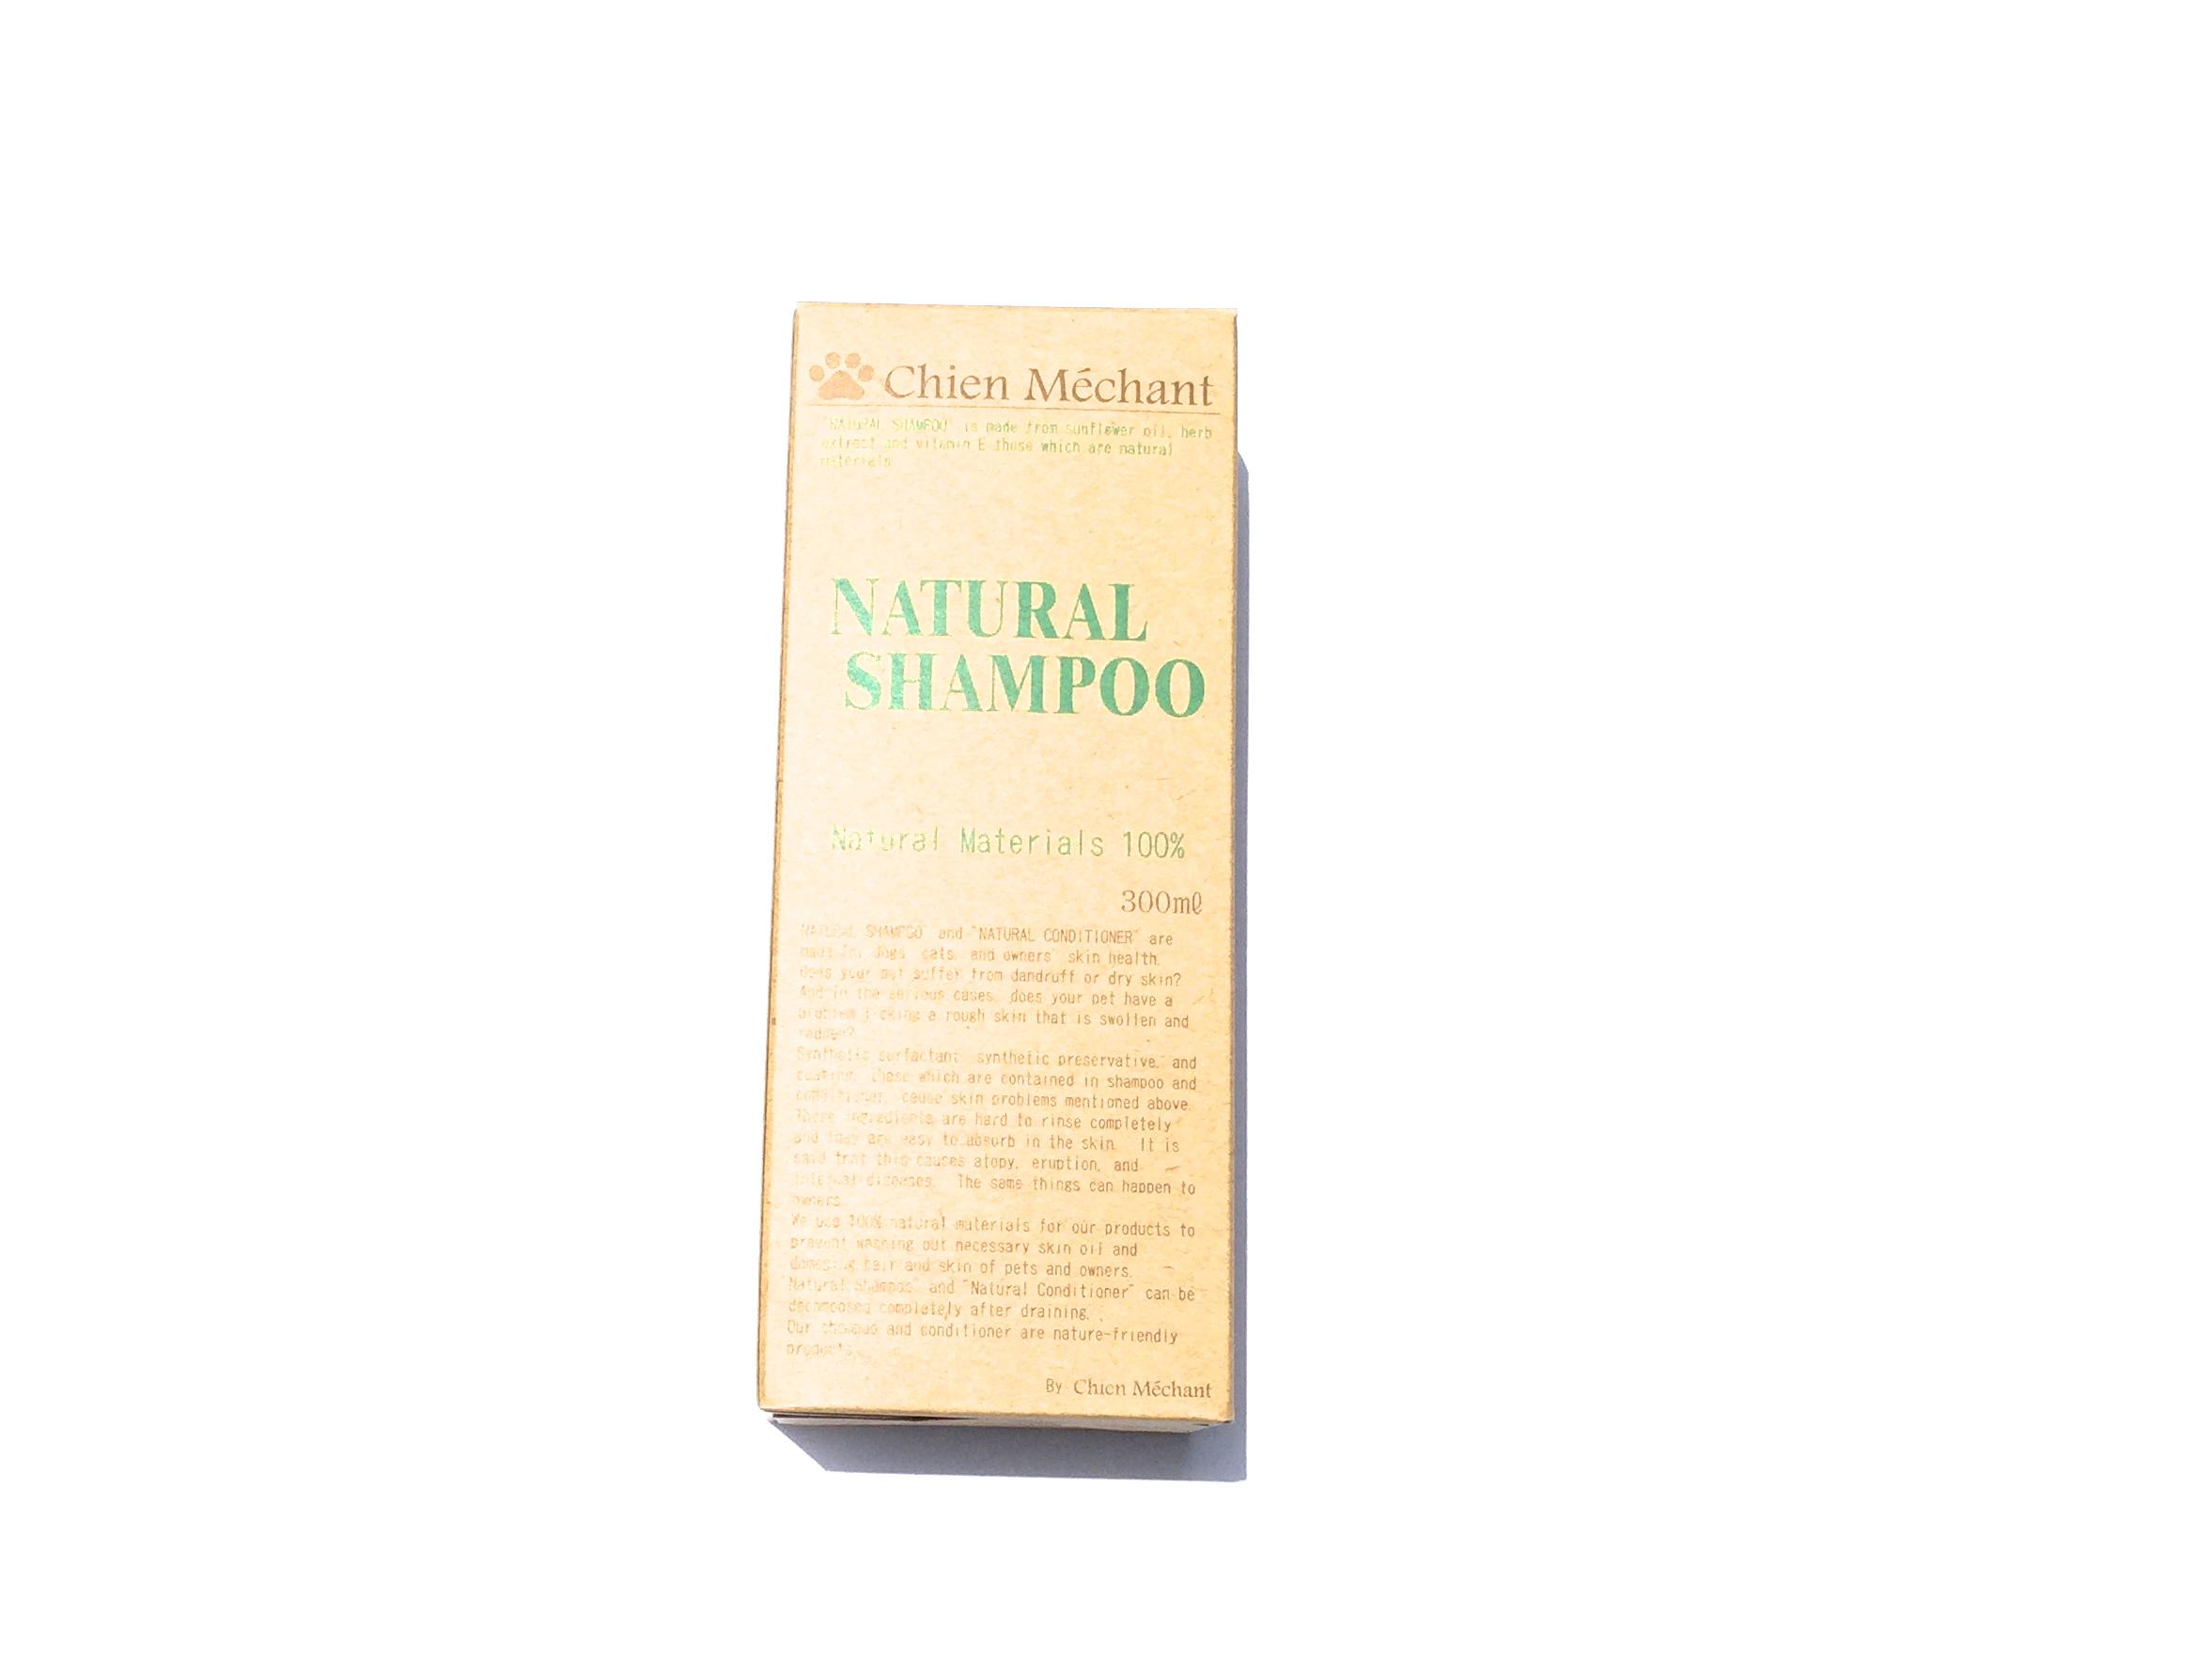 Chien Mechant   NATURAL SHAMPO シャンメシャン 自然のシャンプー_d0217958_128385.jpg